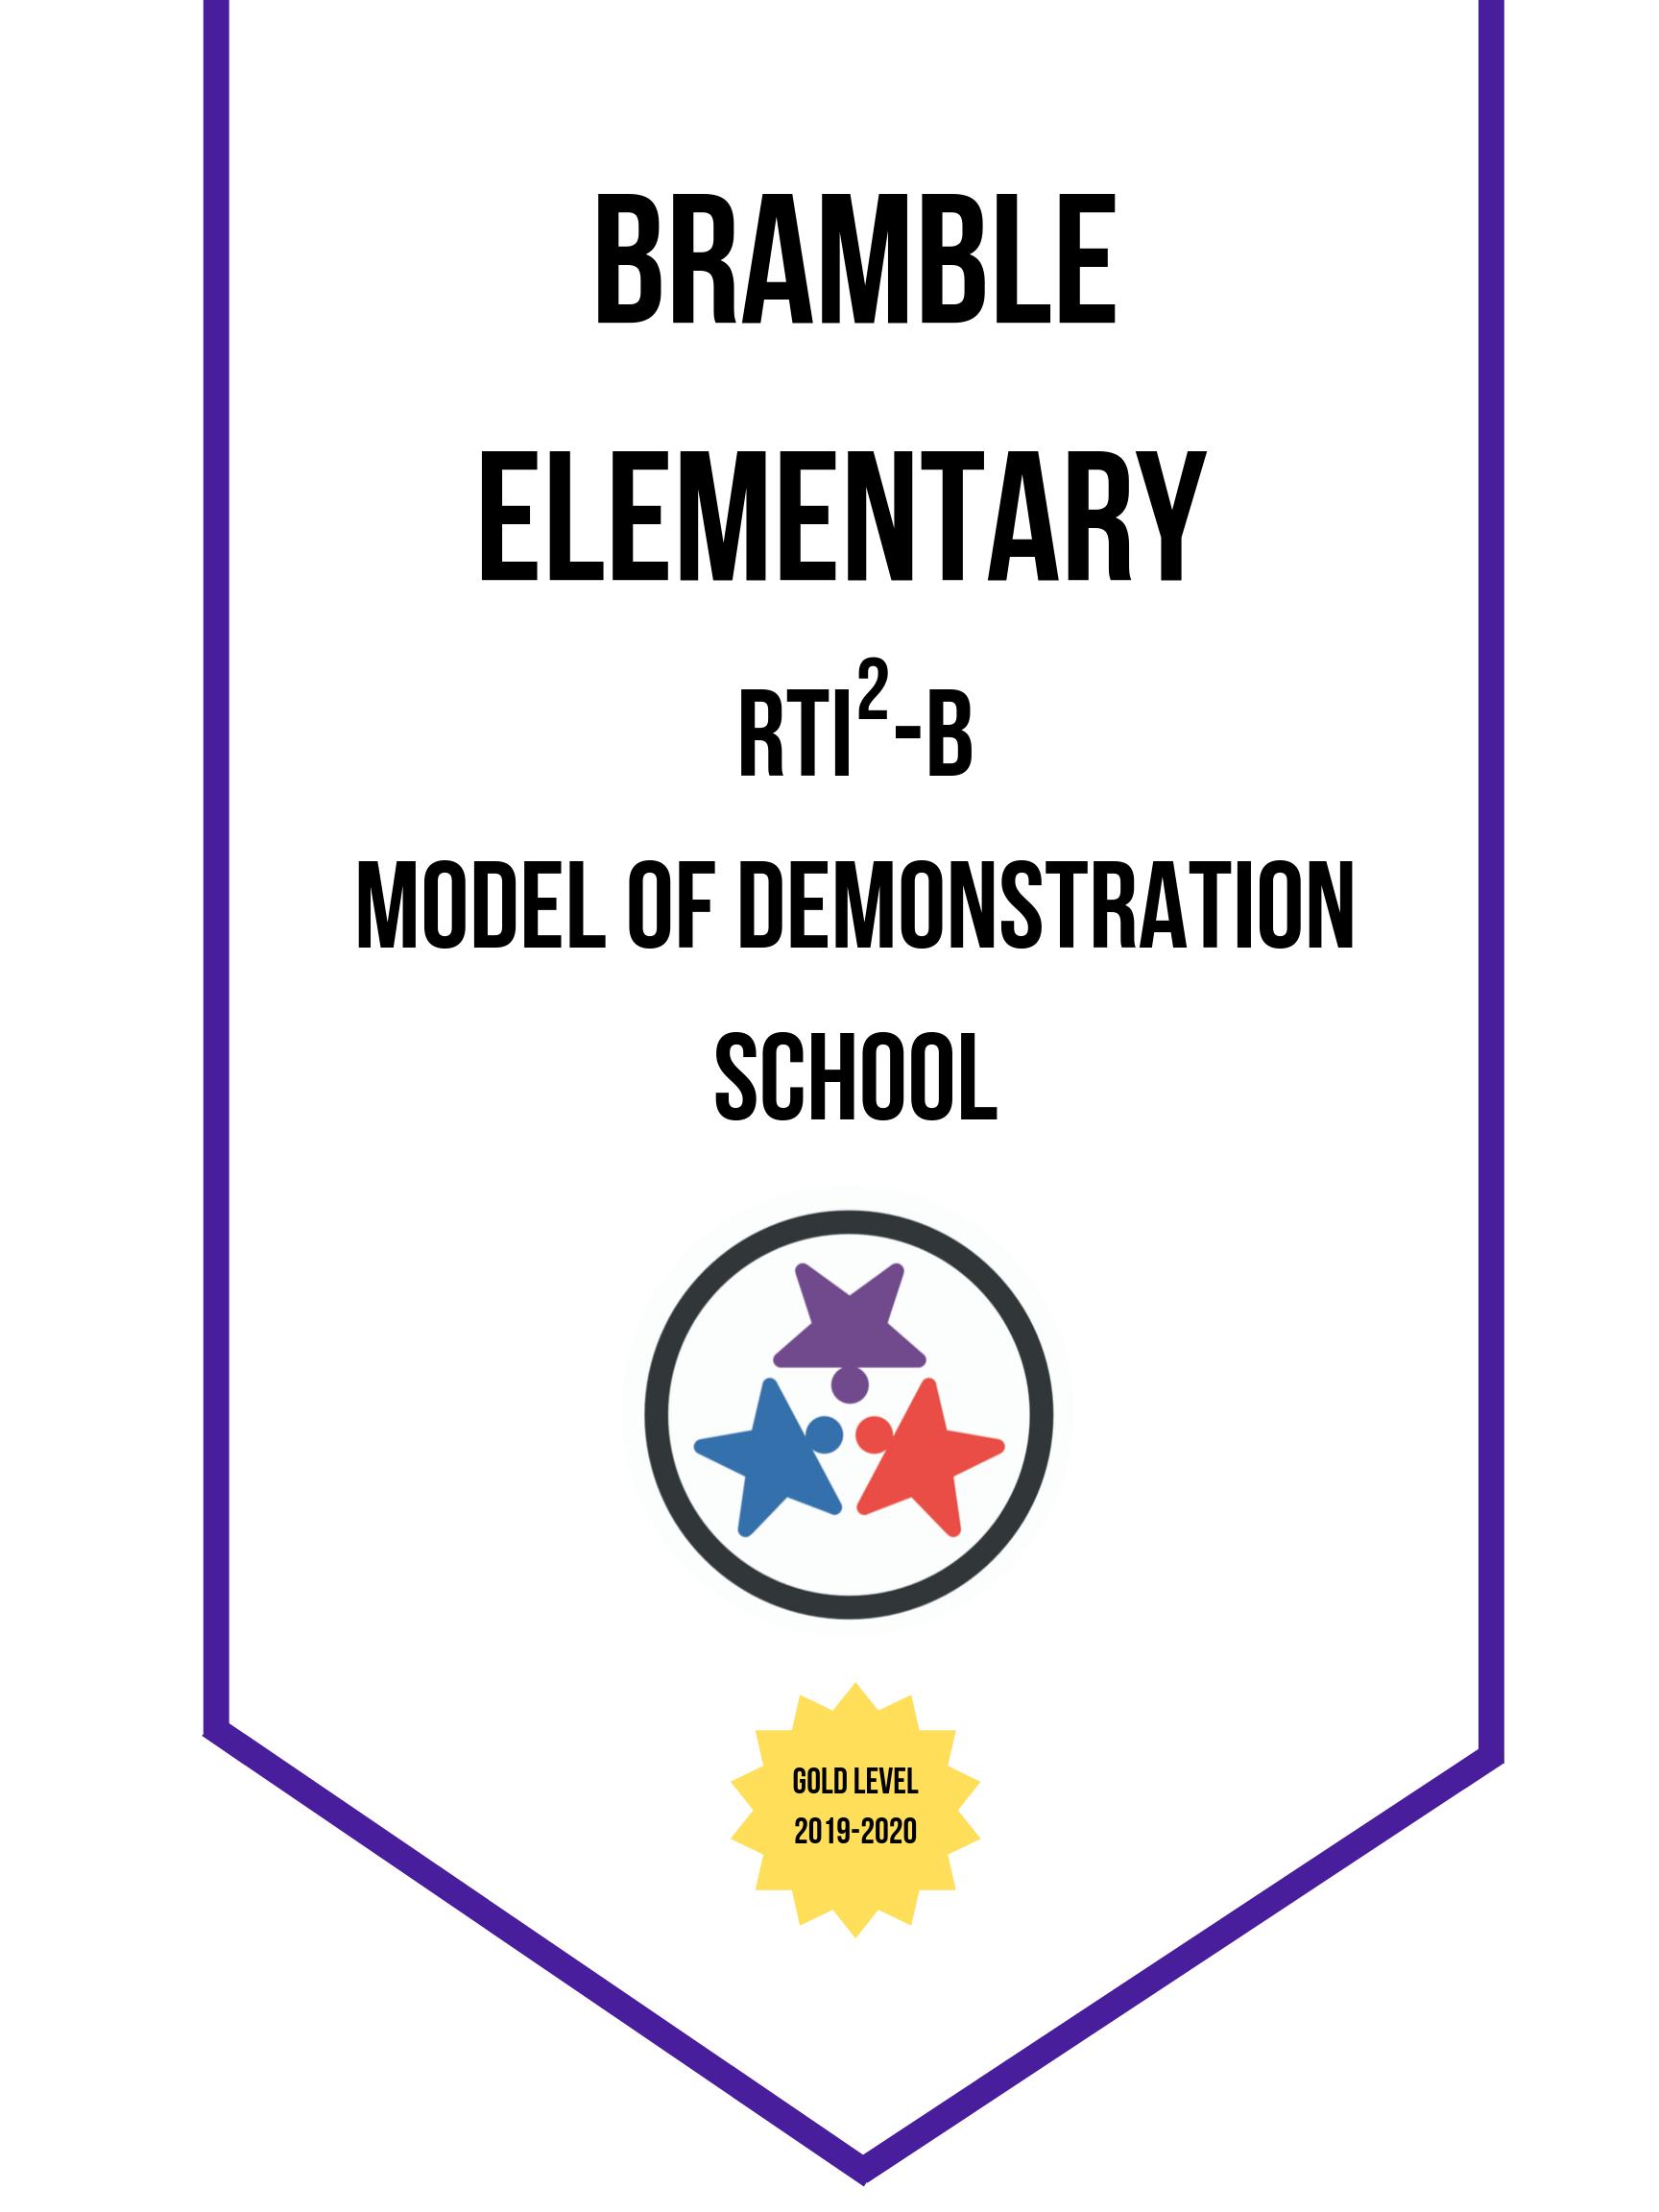 RTI2-B Model of Demonstration Banner